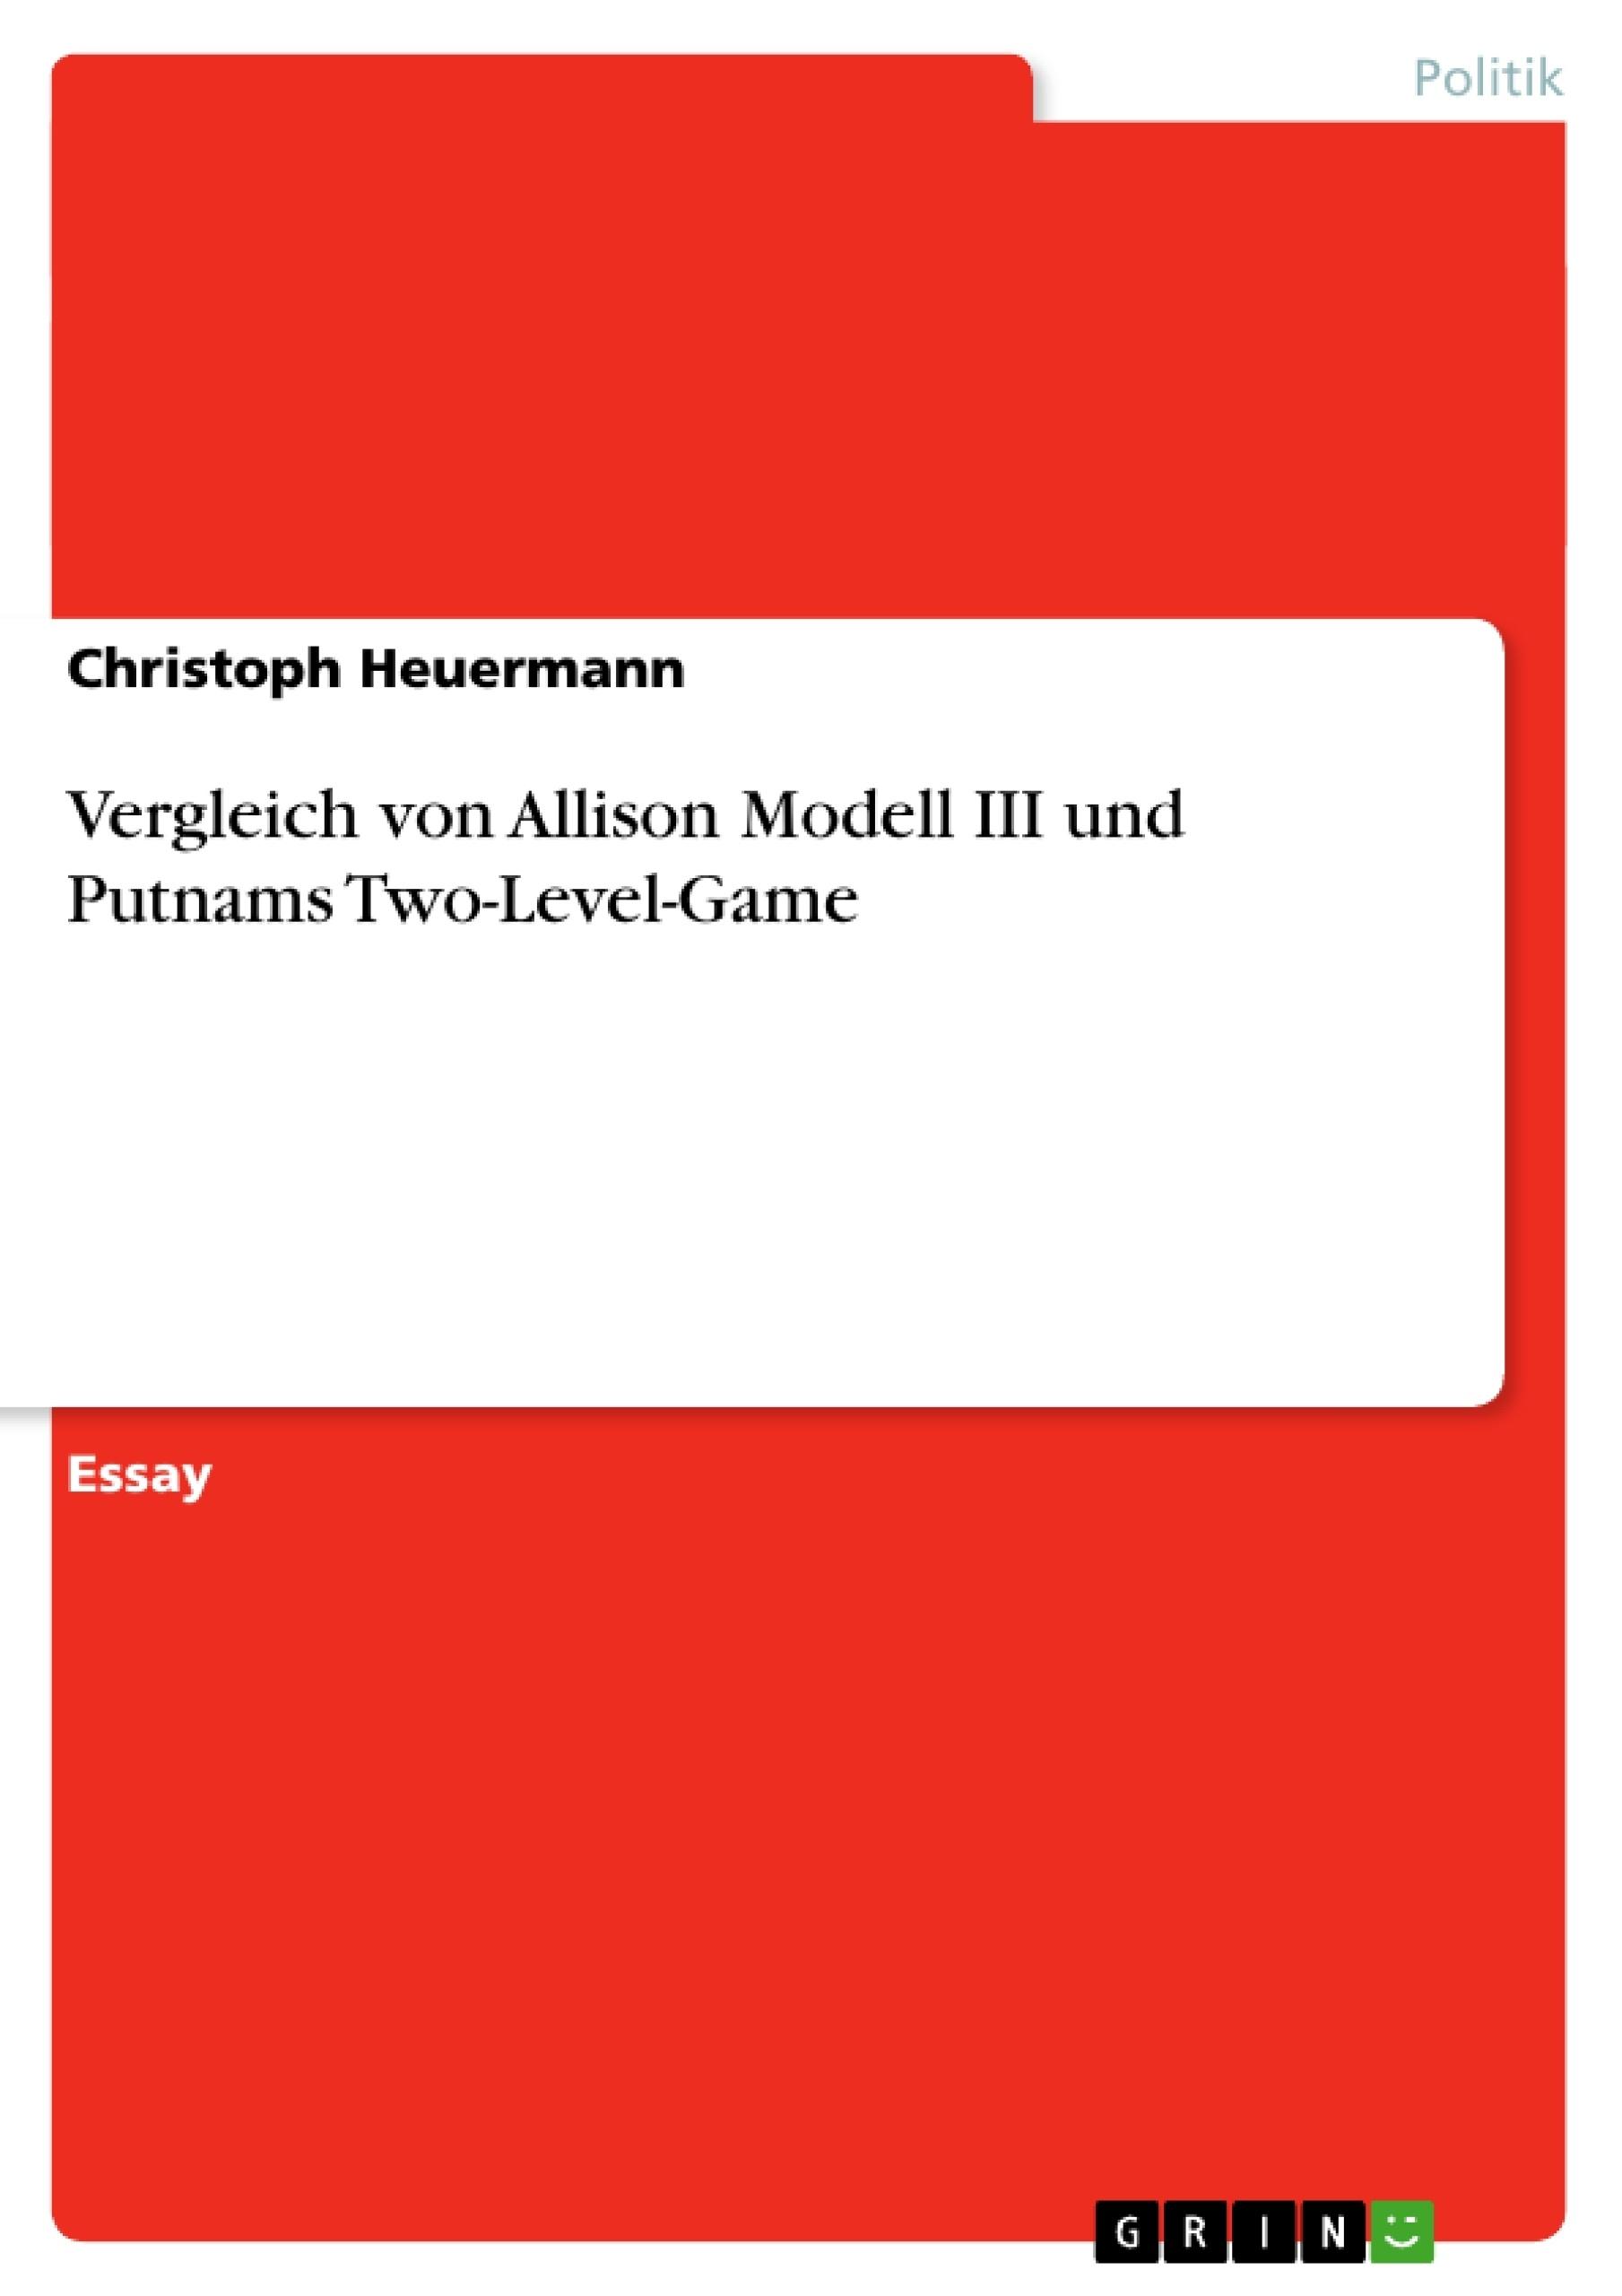 Titel: Vergleich von Allison Modell III und Putnams Two-Level-Game